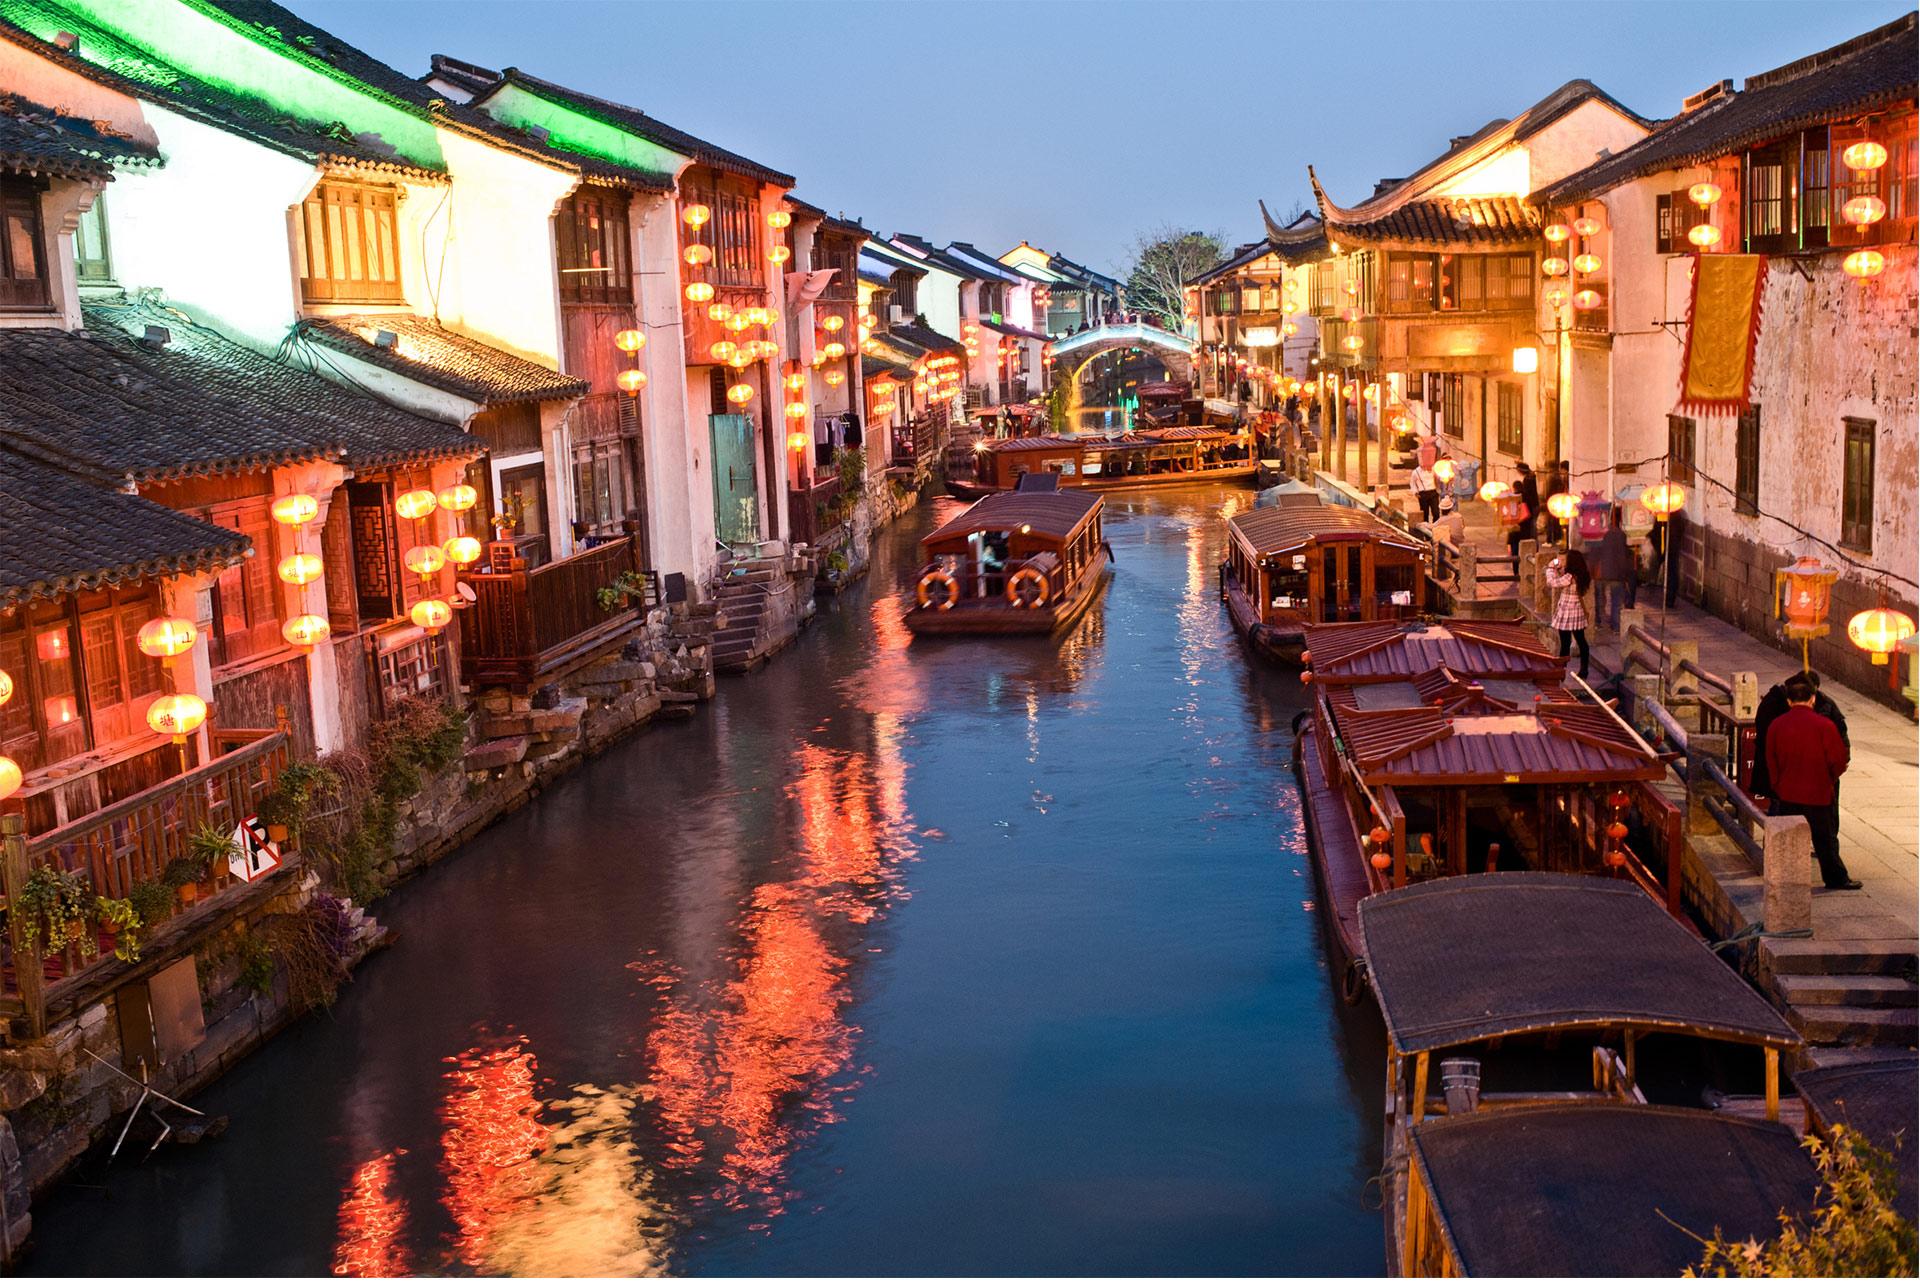 【美丽中国】苏州+杭州+水乡乌镇西栅双高3日游